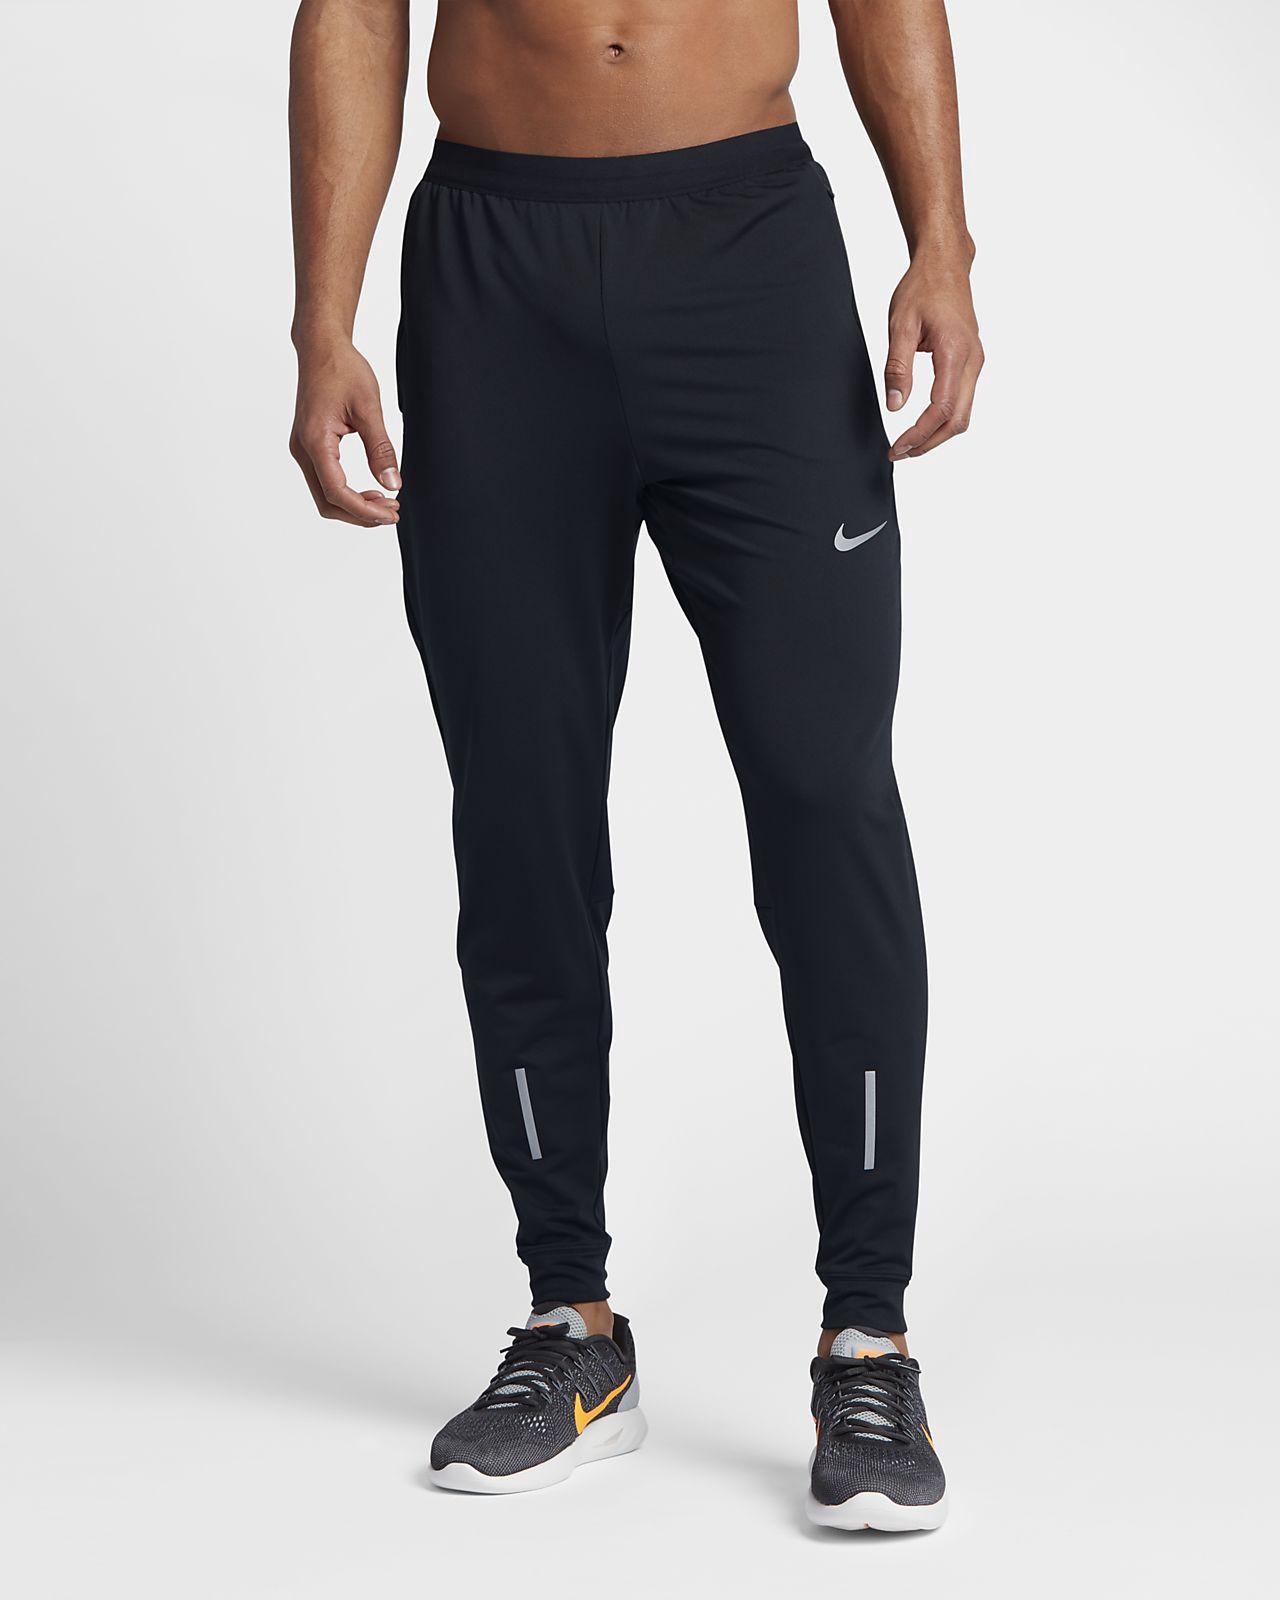 603738a4f9c9 Nike Dri-Fit Phenom Men s 29